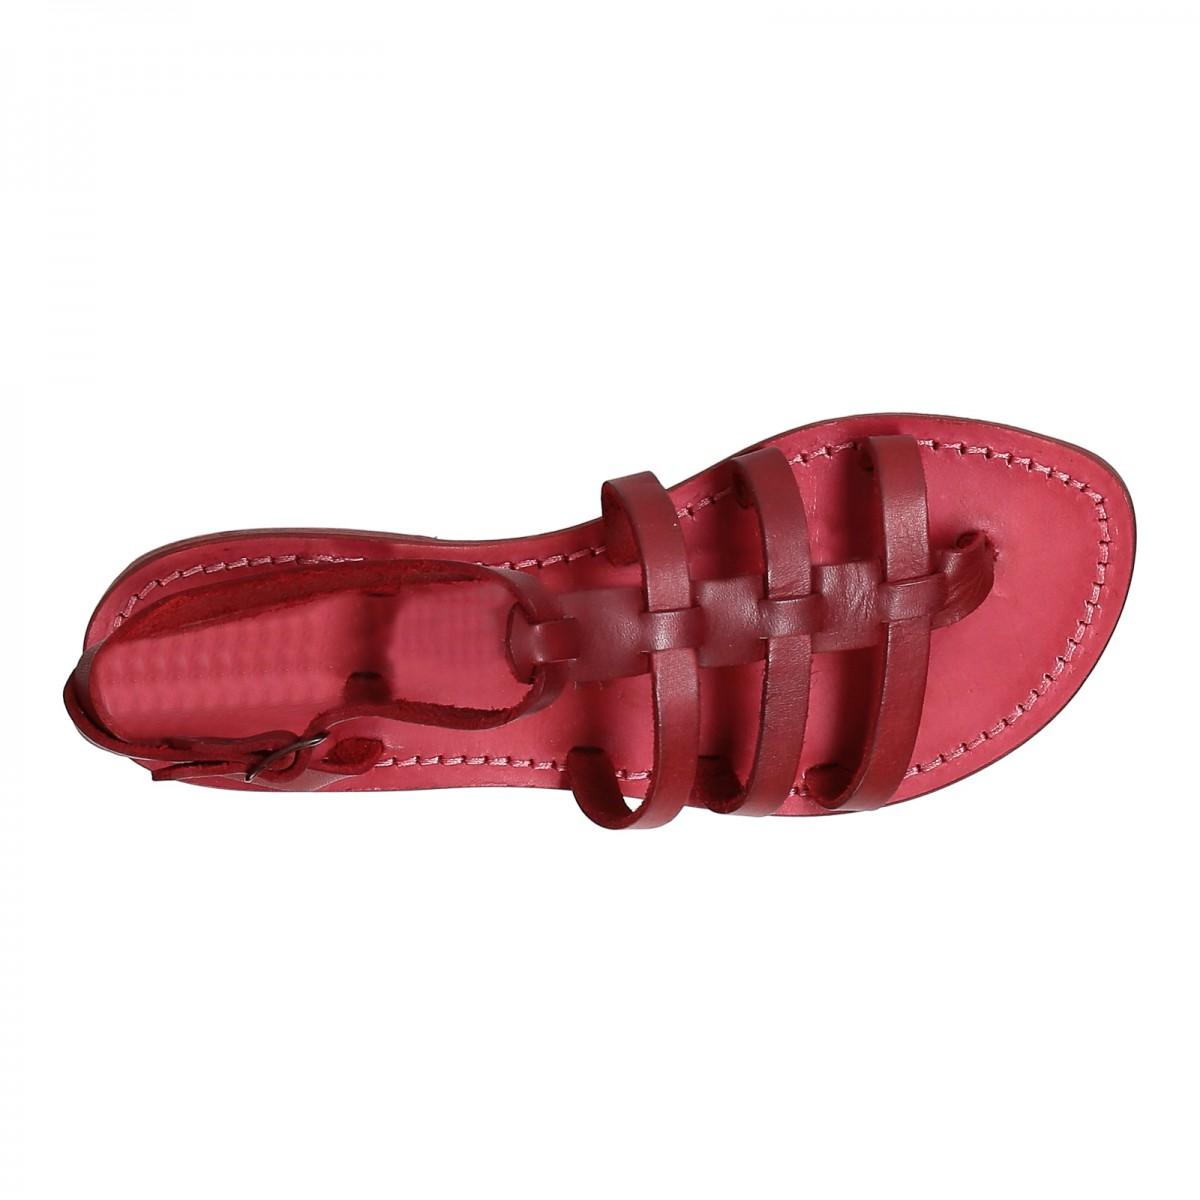 rote leder sandalen damen im gladiator stil in italien von. Black Bedroom Furniture Sets. Home Design Ideas